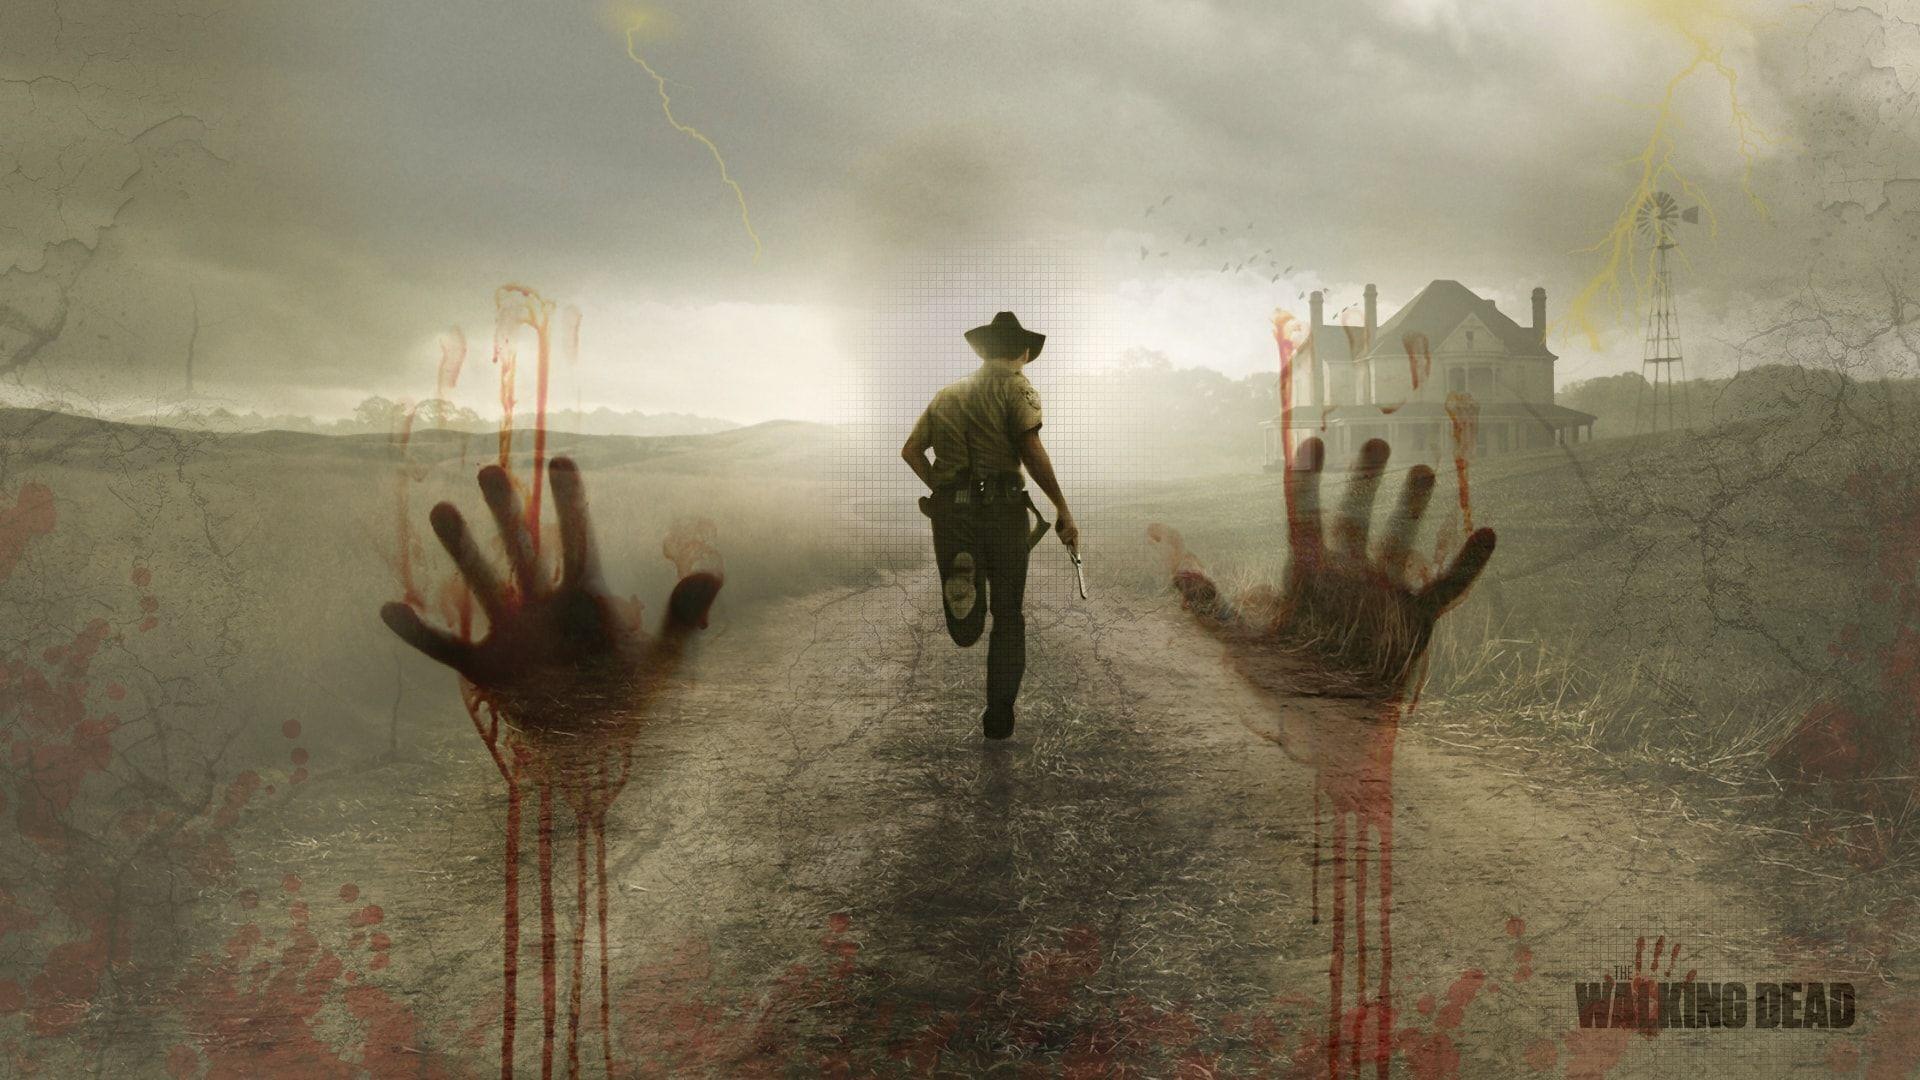 Twd Wallpaper Walking Dead Wallpaper The Walking Dead Walking Dead Series